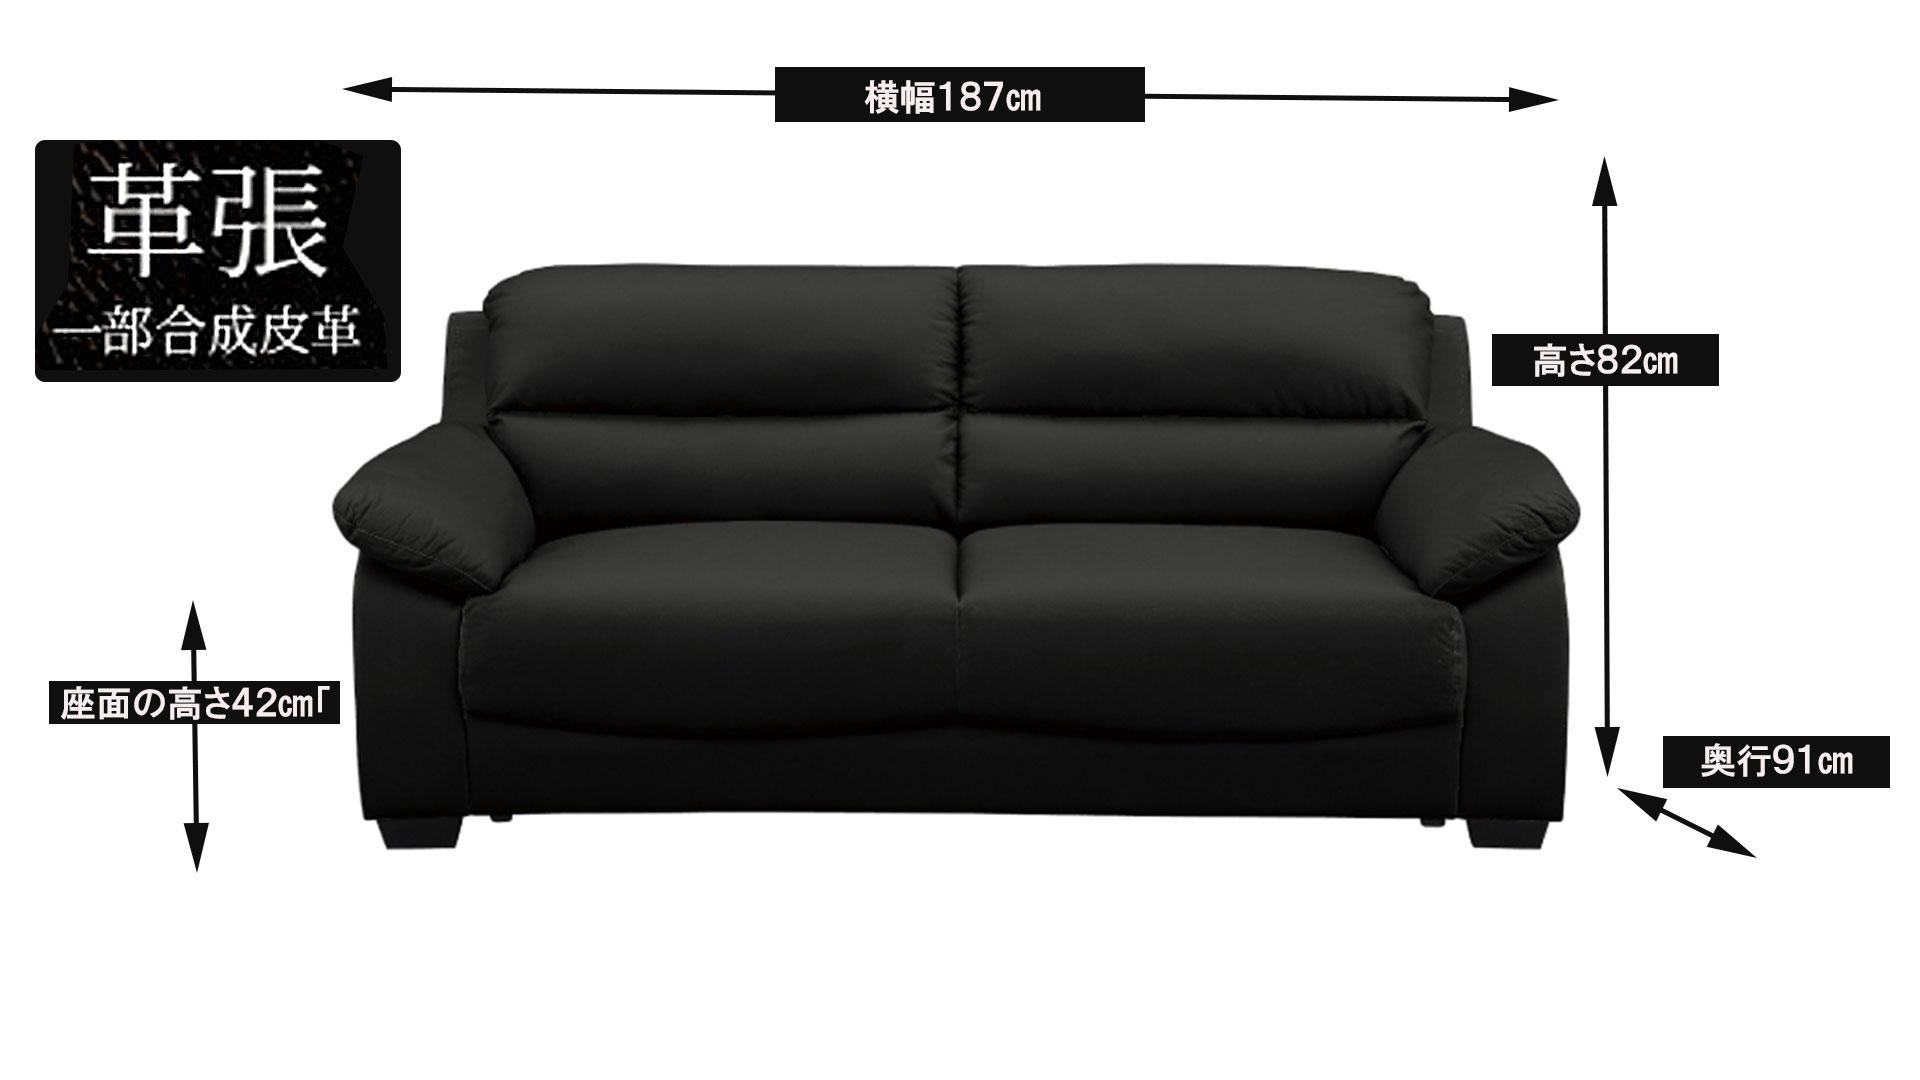 サンコウの三人掛けの本革ソファ、オペラの黒色のサイズ画像